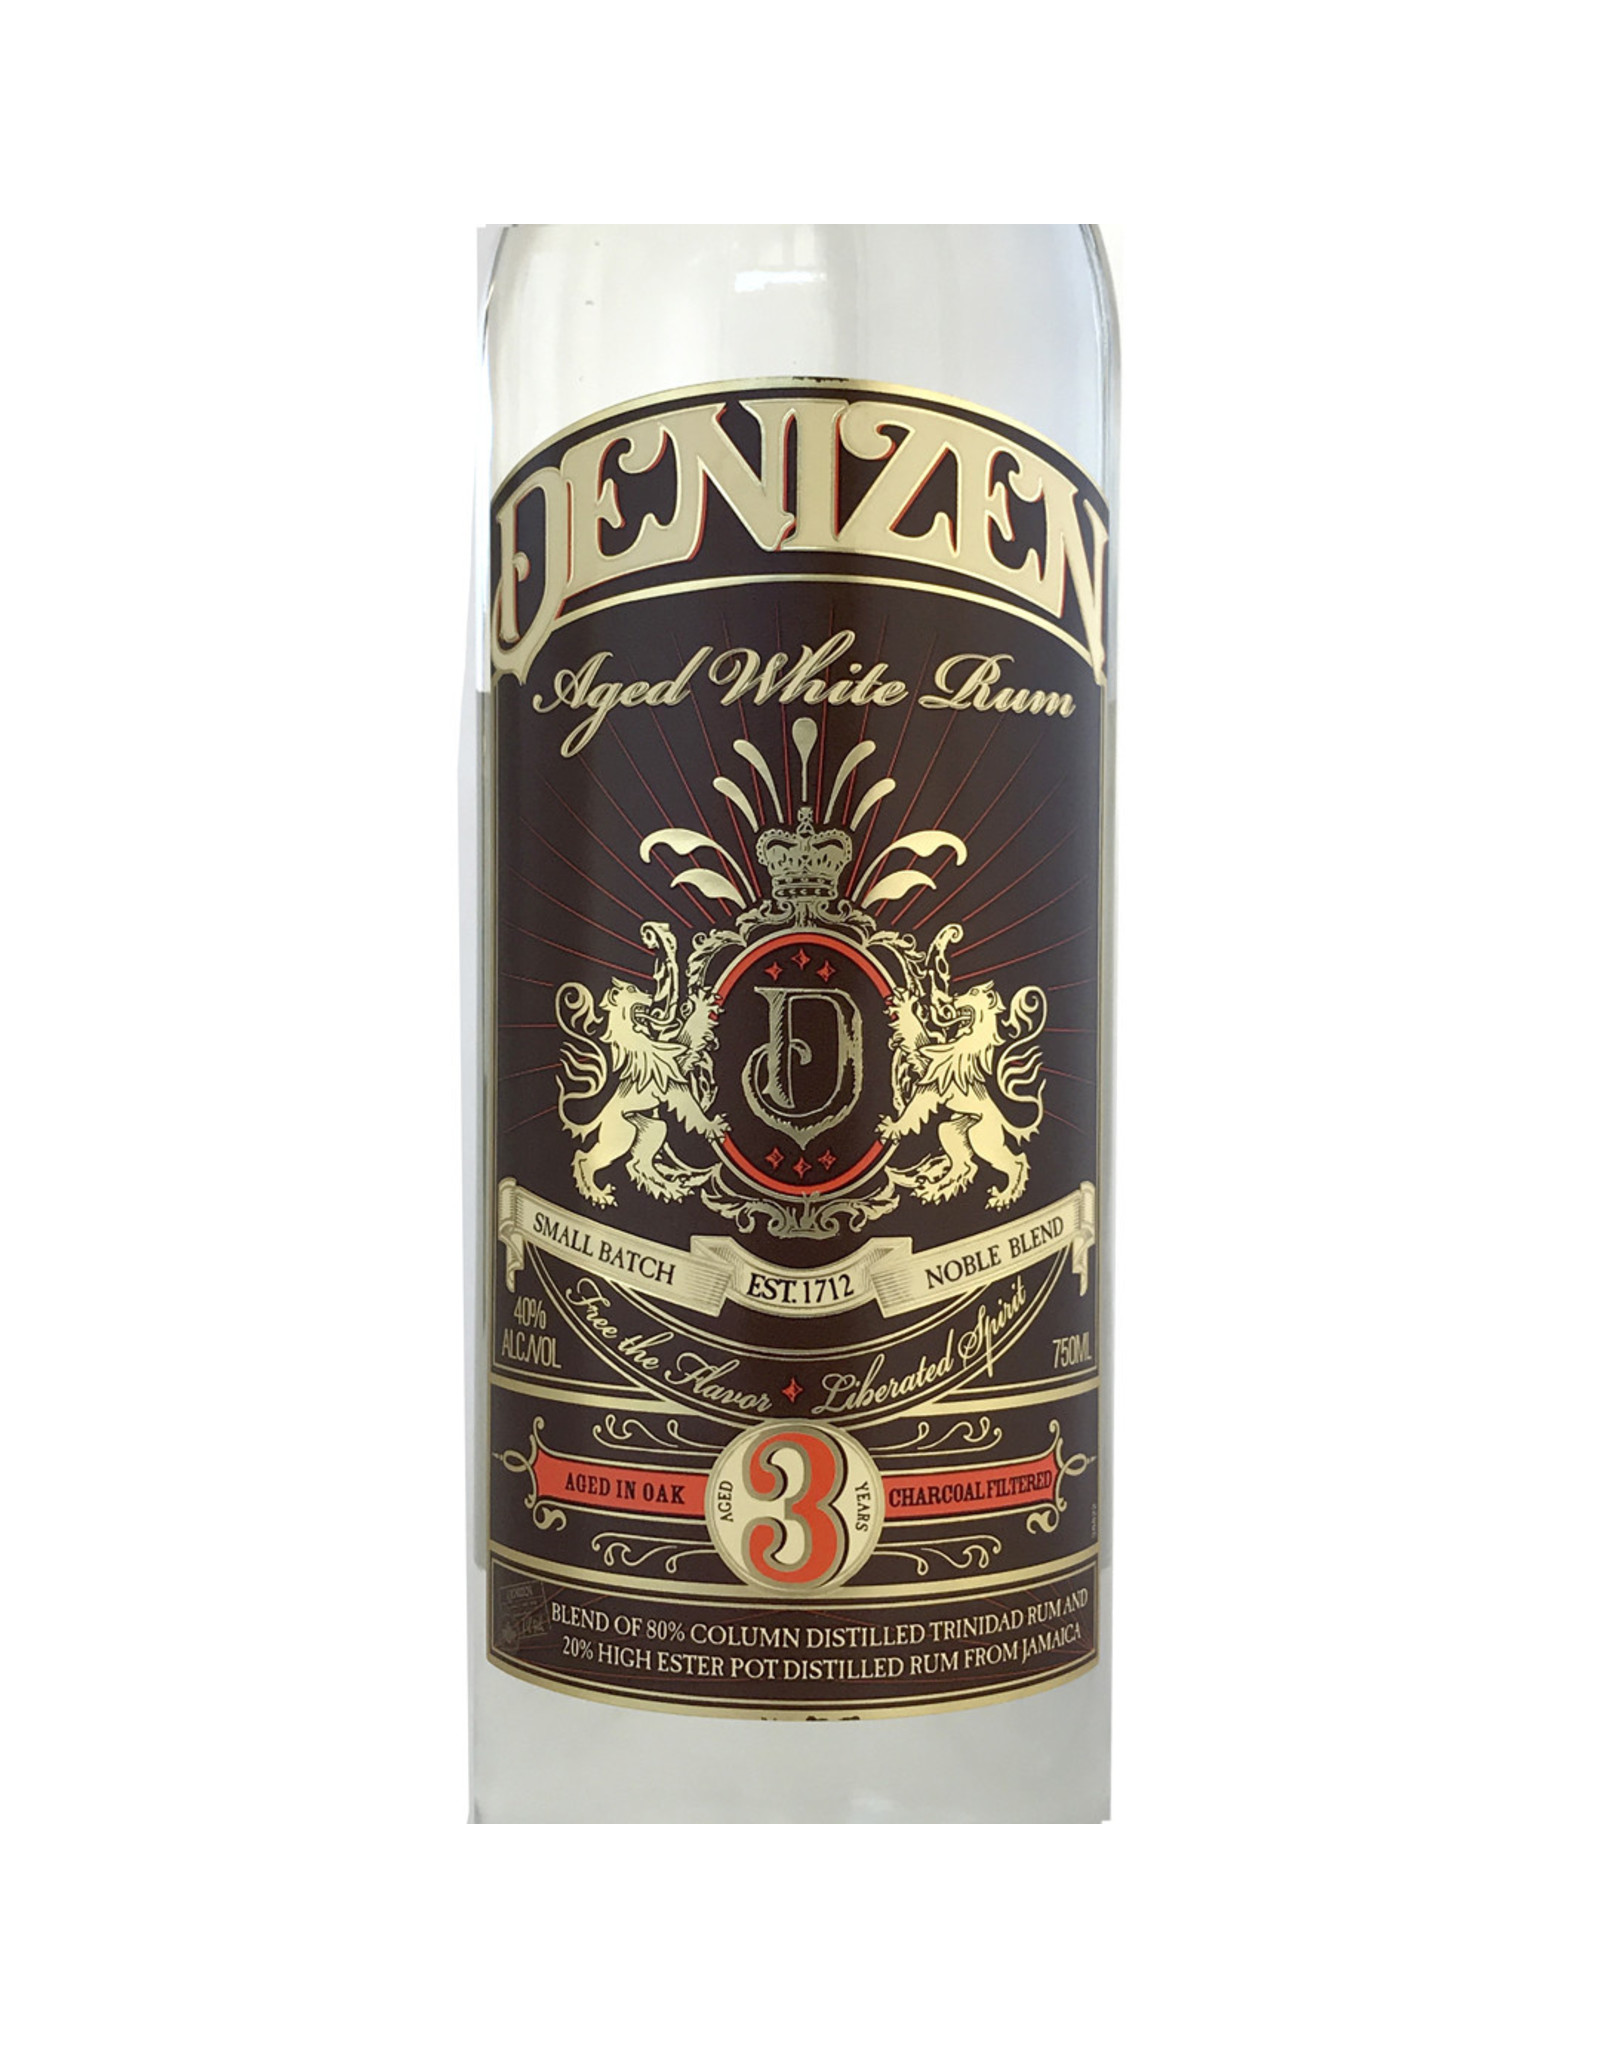 Denizen Aged White Rum 3 Year